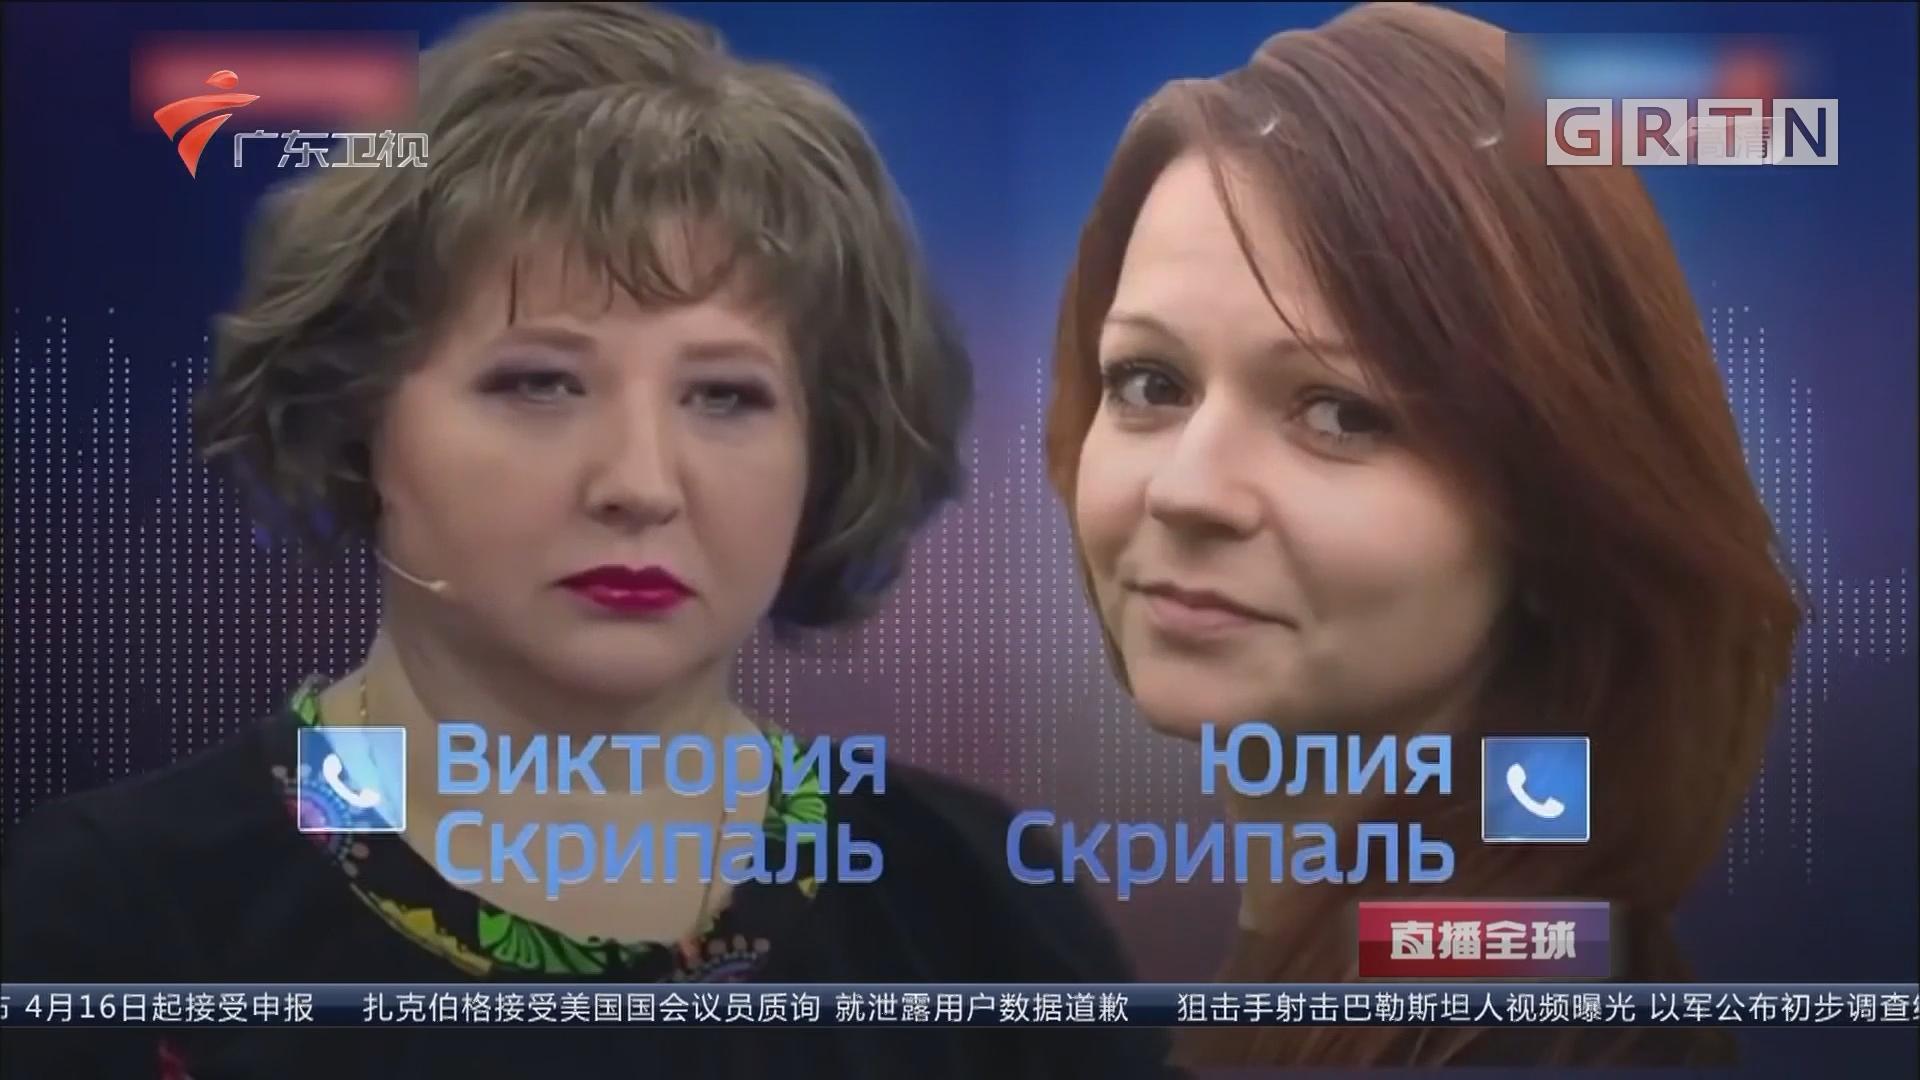 俄前特工中毒案疑点重重:一通电话引发关注